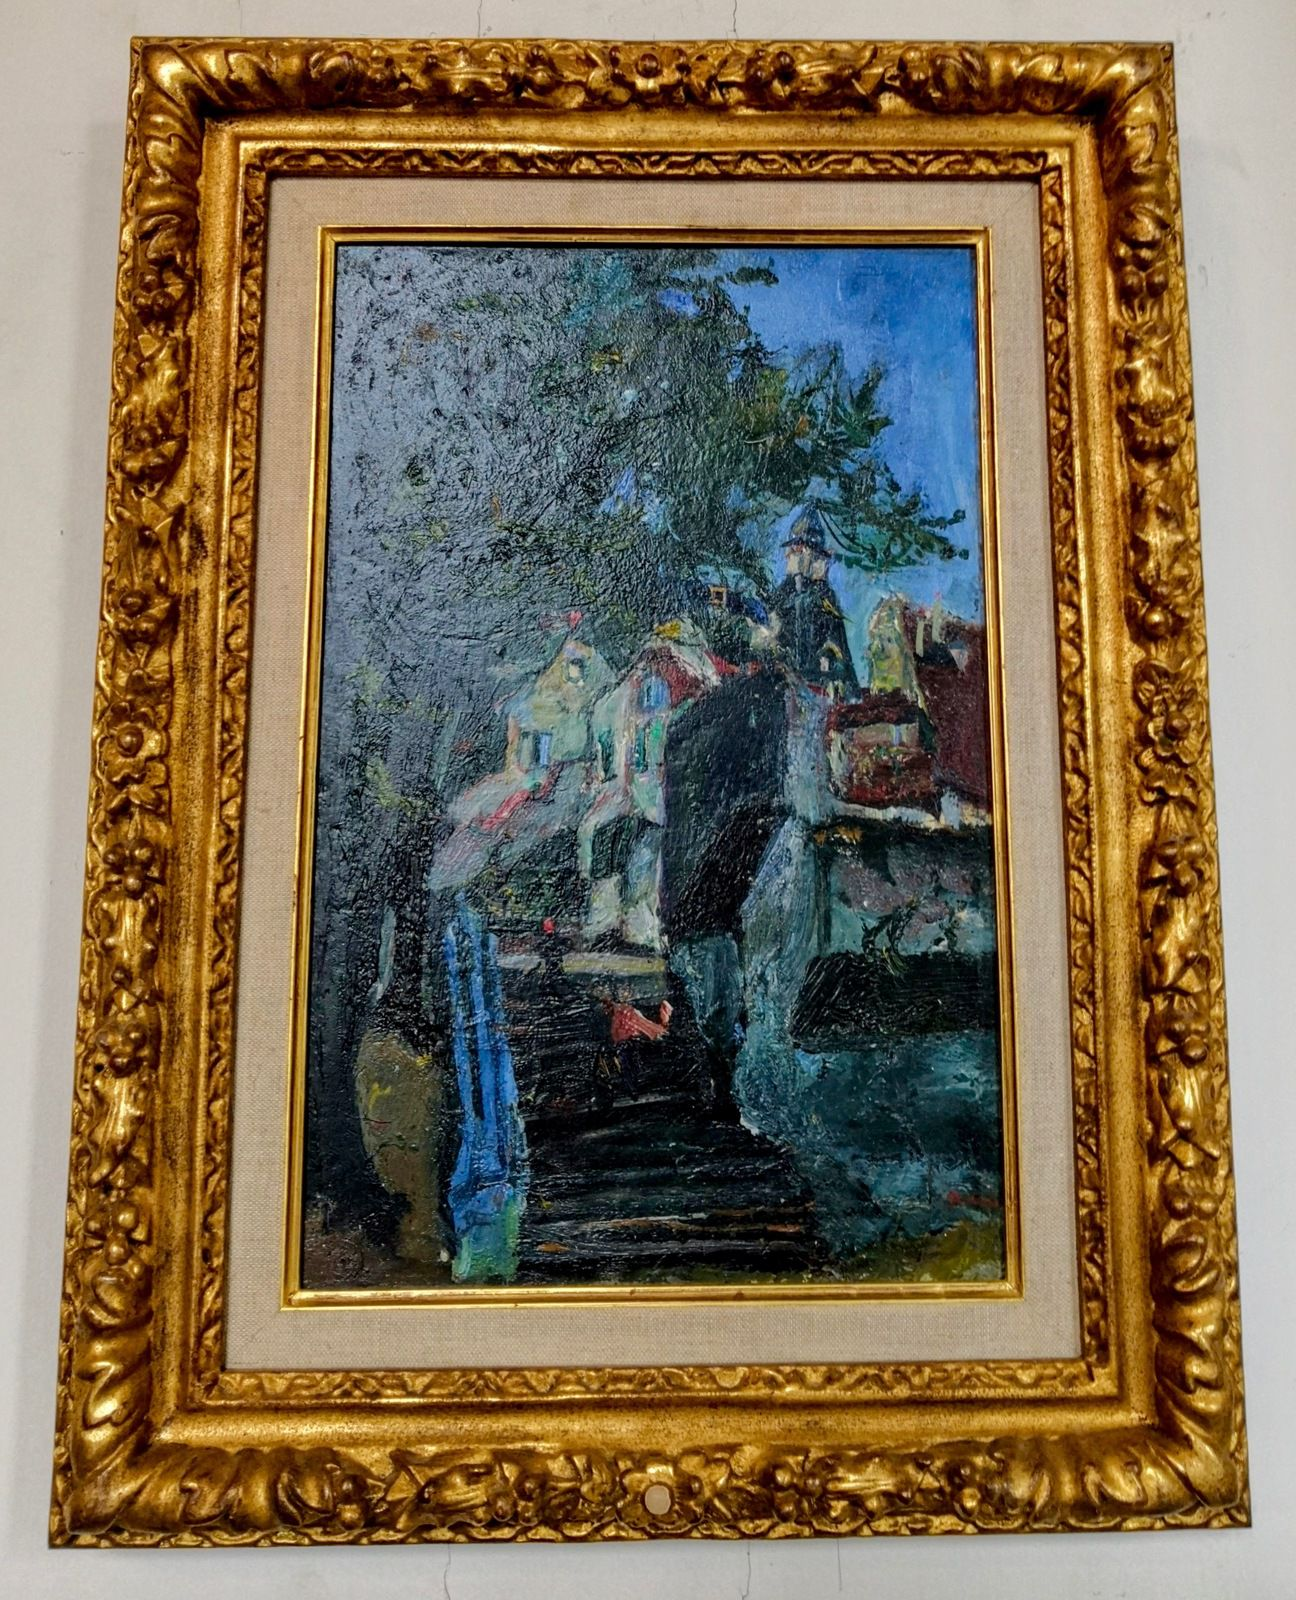 Chaïm Soutine (1893-1943), les Escaliers de Chartres, 1933, Huile sur toile